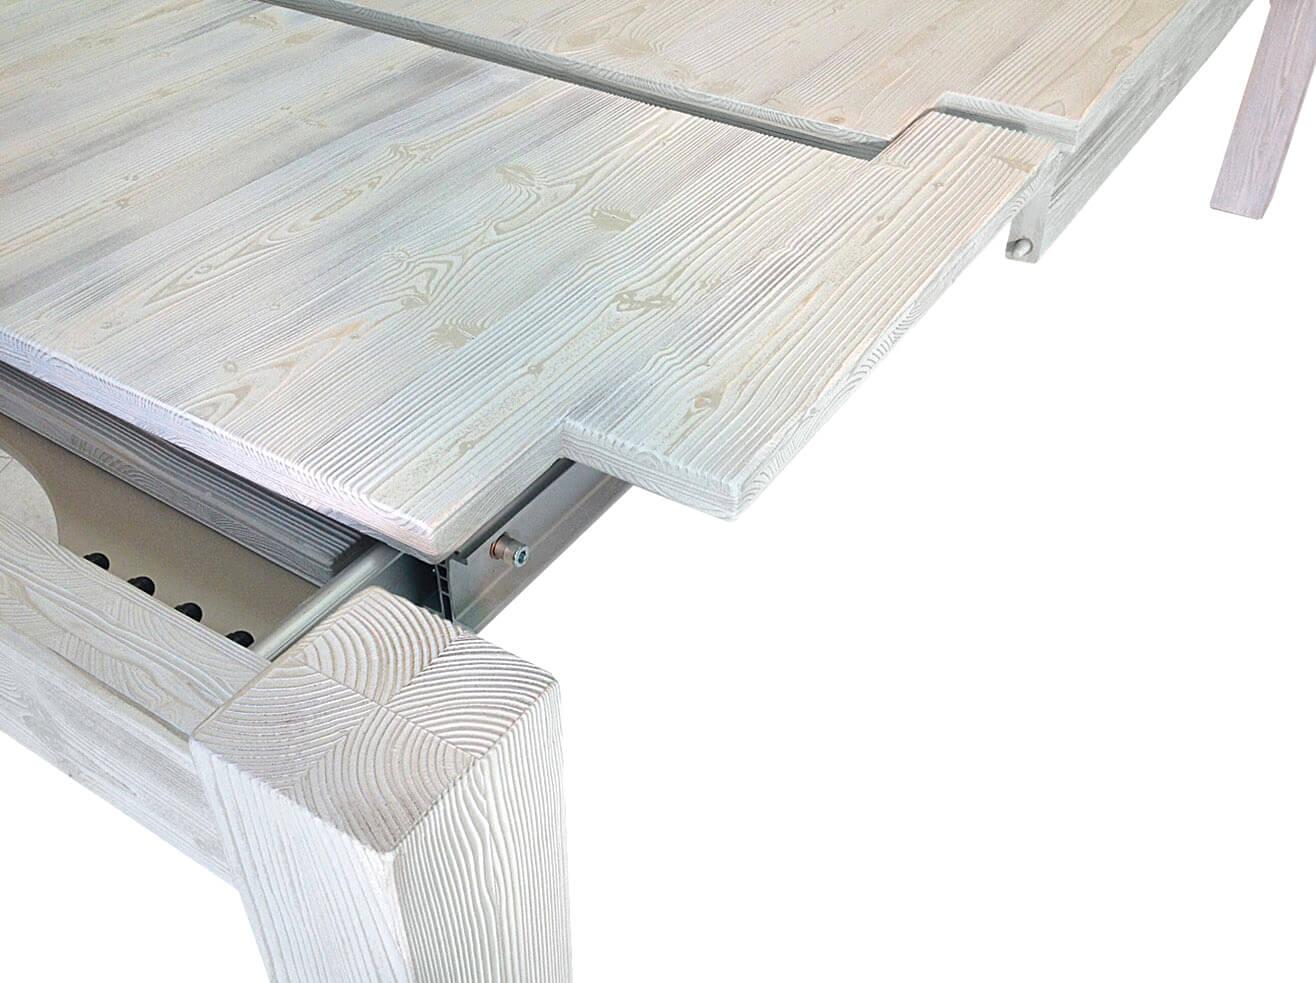 Tavolo x in legno massello di rovere bianco consumato ebay for Tavolo rovere bianco